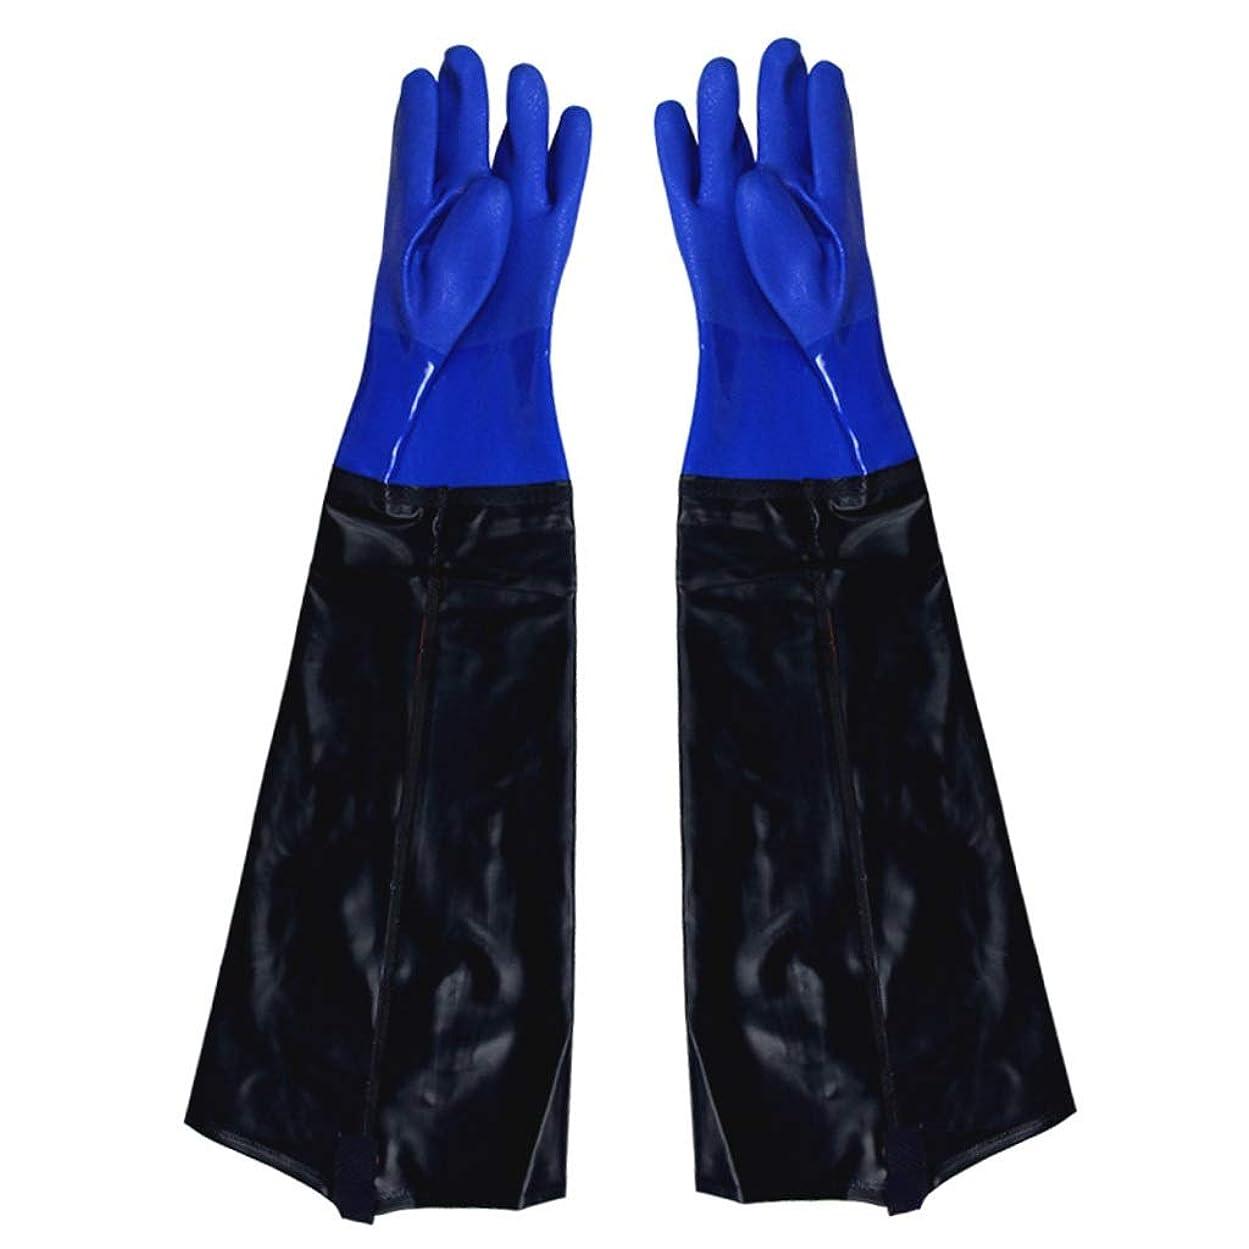 予測くそー遠近法ゴム手袋 - 漁業に強い耐久性のある酸とアルカリを広げることを長くすること